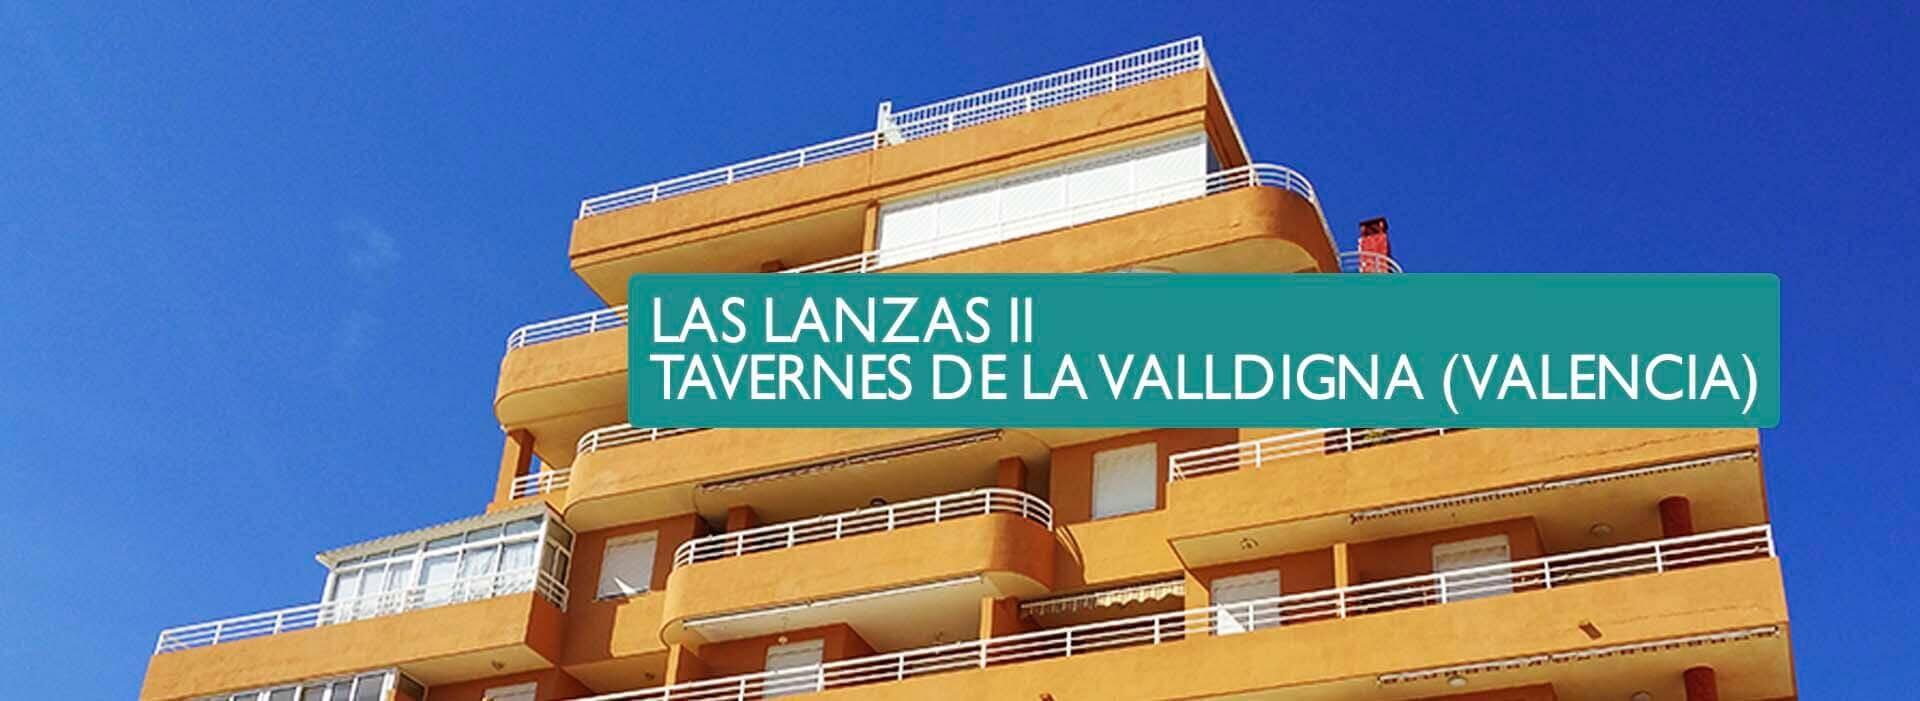 Las Lanzas II - Tavernes